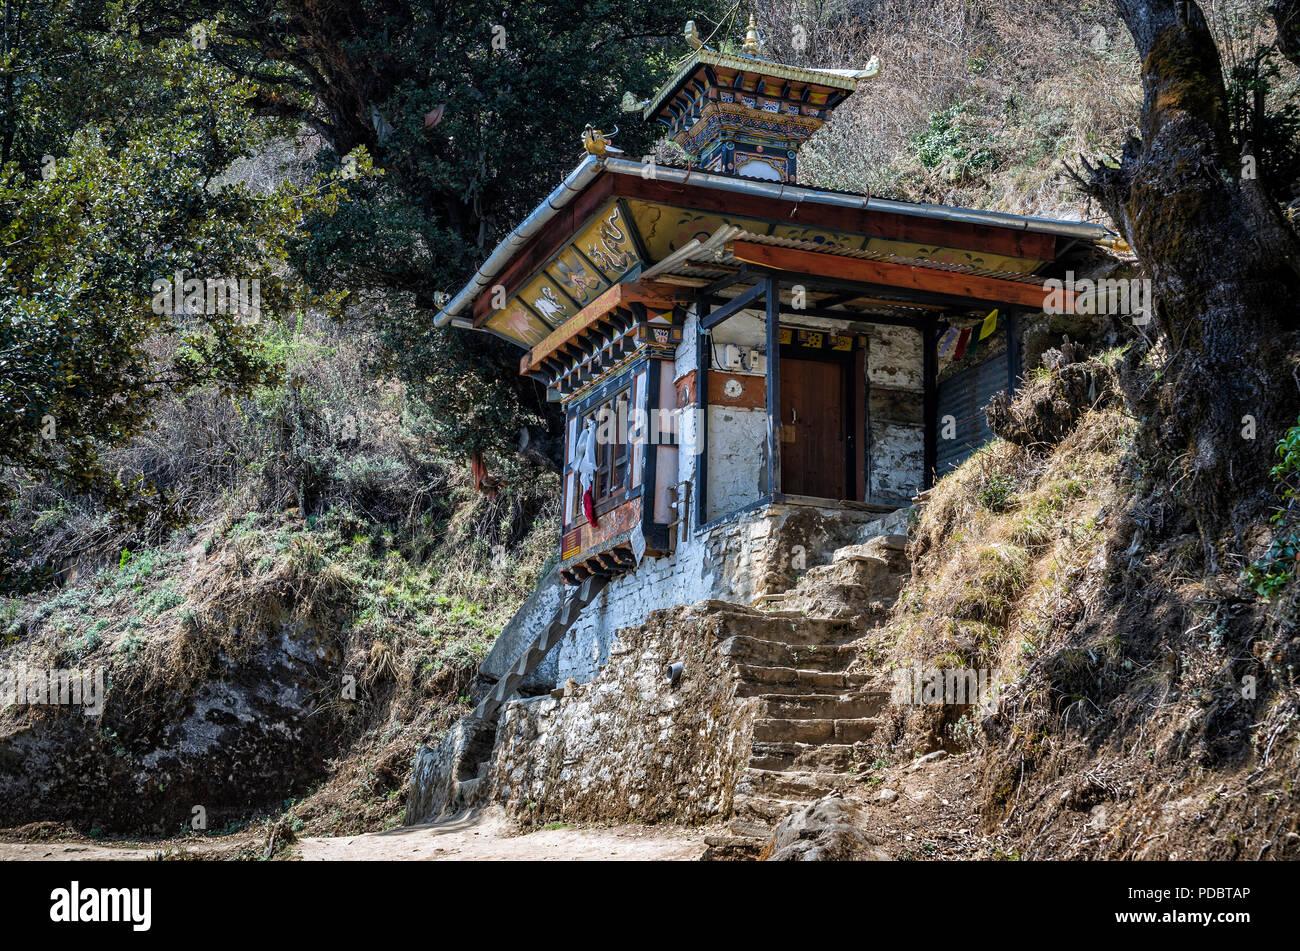 Templo a lo largo de la senda en el Nido del Tigre, Paro, Bhután - El pequeño templo construido sobre el lugar de nacimiento de Je Khempo Geshey Guenden Rinchen, Paro, Bhuta Imagen De Stock